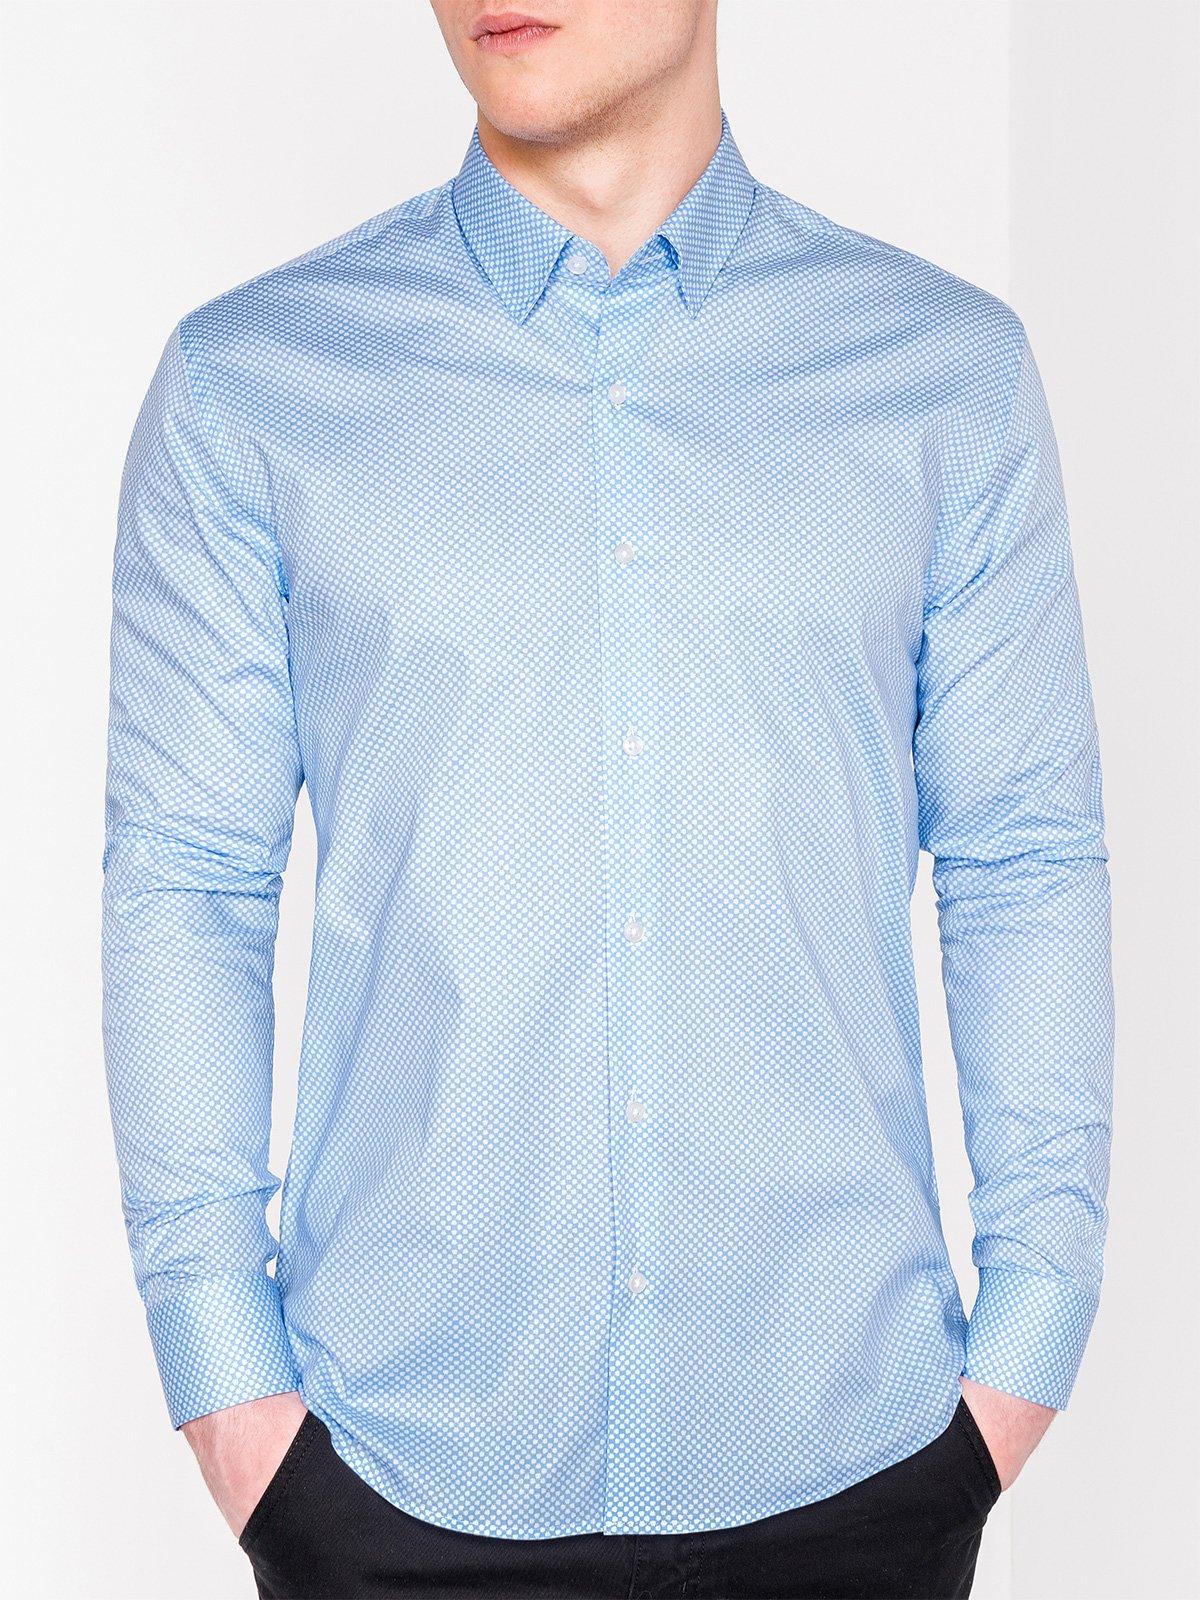 961980099292 Мужская рубашка элегантная с длинным рукавом K457 - голубая голубой ...